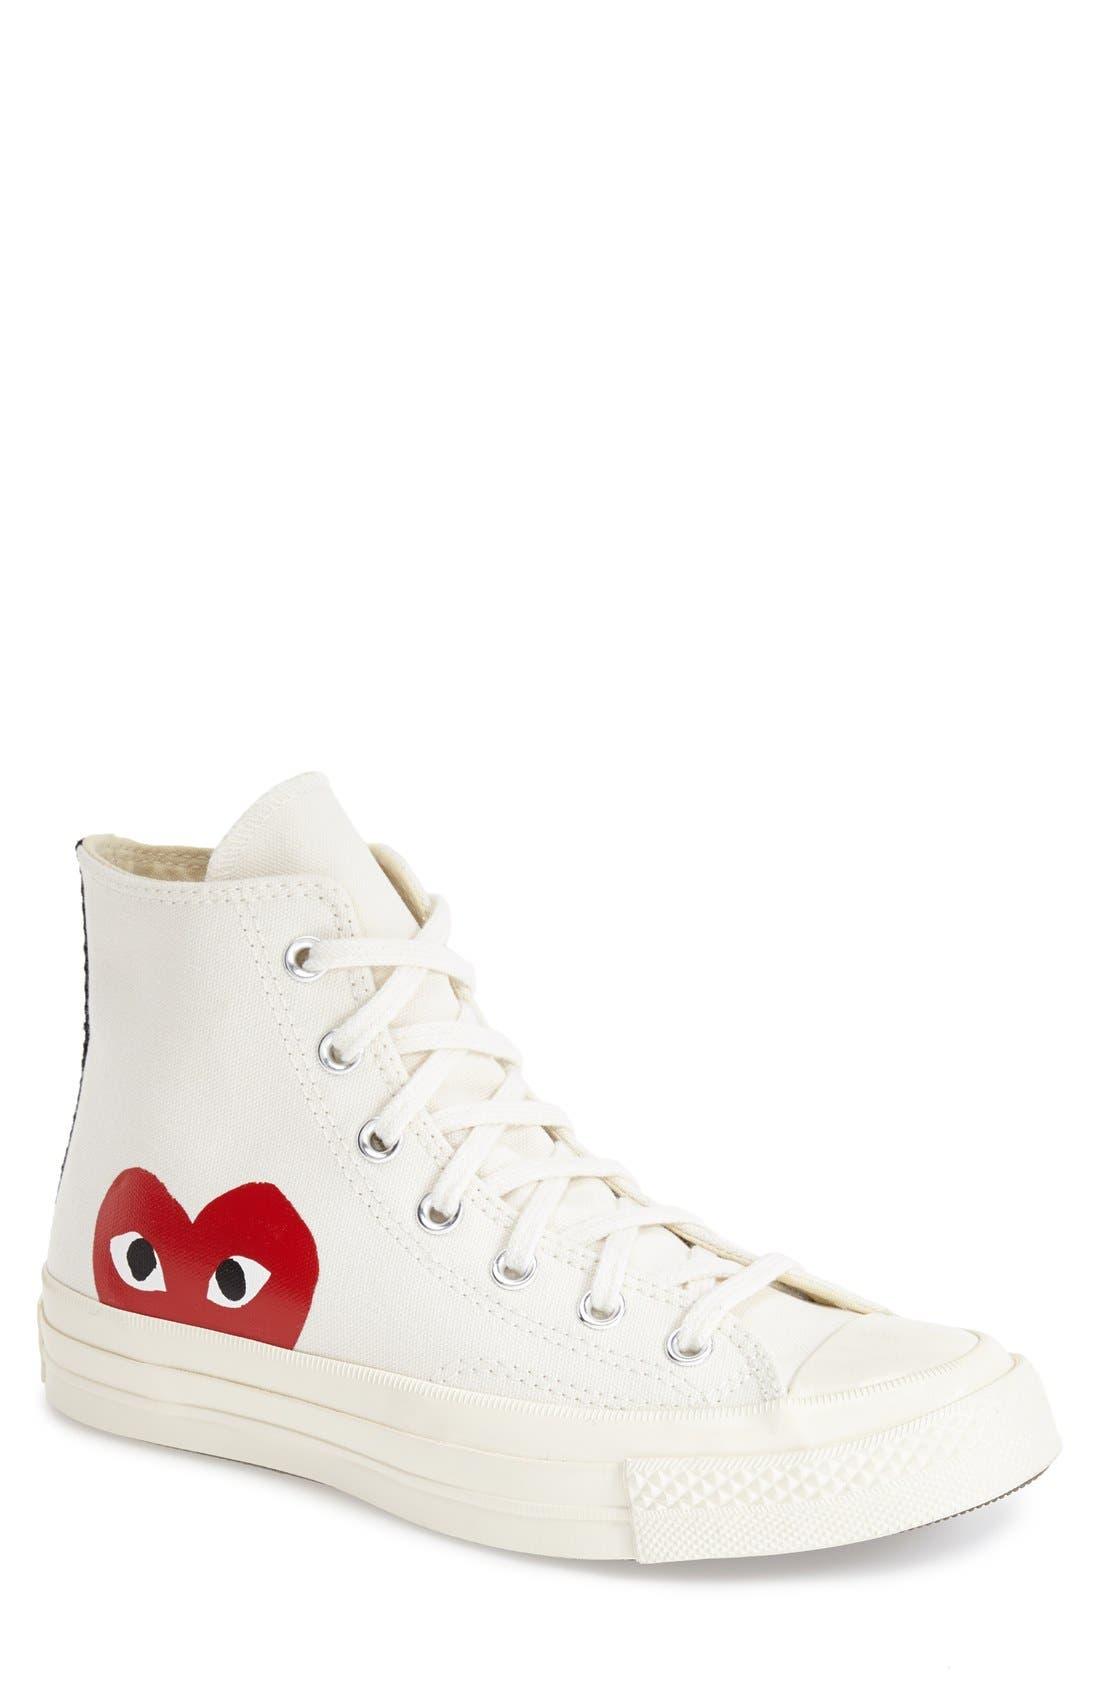 Alternate Image 1 Selected - Comme des Garçons PLAYx Converse Chuck Taylor® - 'Hidden Heart' High TopSneaker (Men)